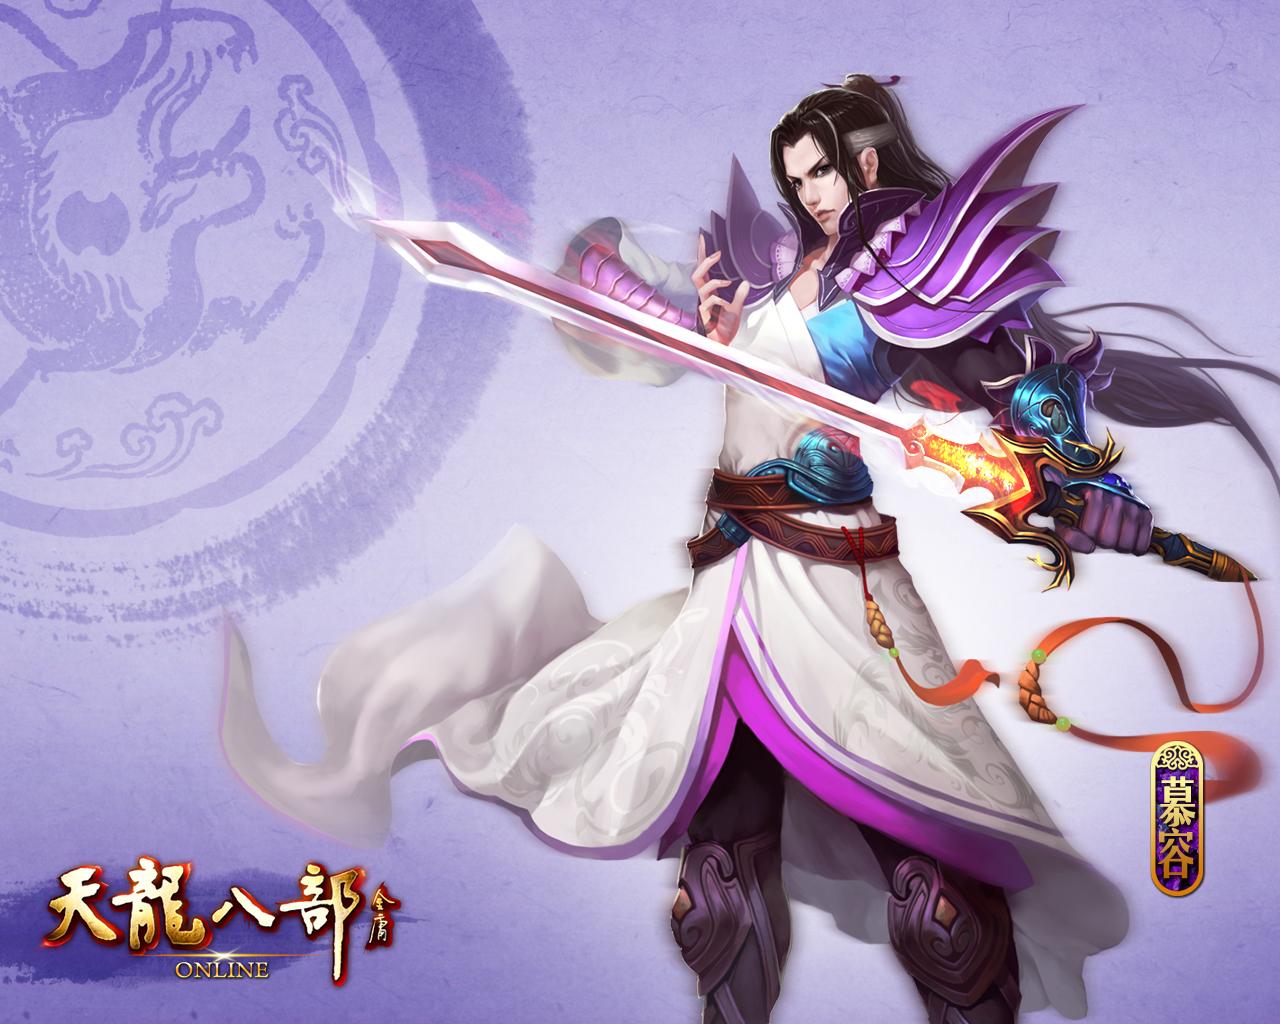 多款天龙八部最新十大门派壁纸下载 -天龙八部3专区 17173.com中国